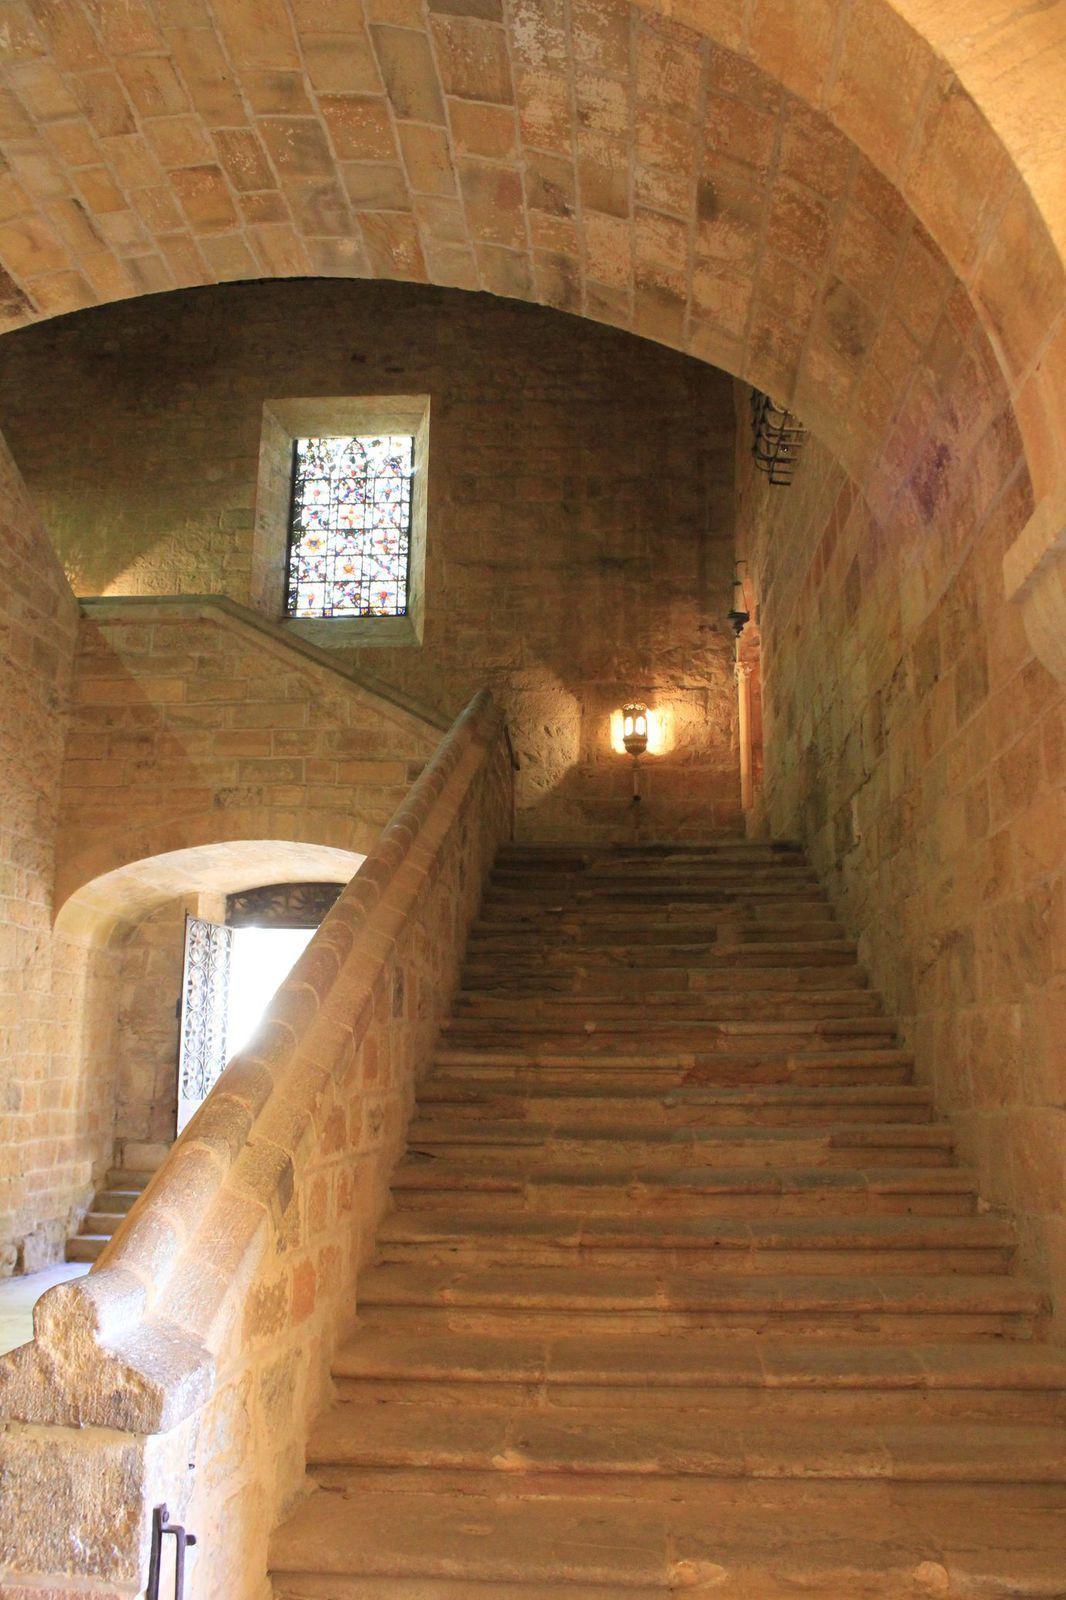 2016 06 06 - Album - Abbaye de Fontfroide